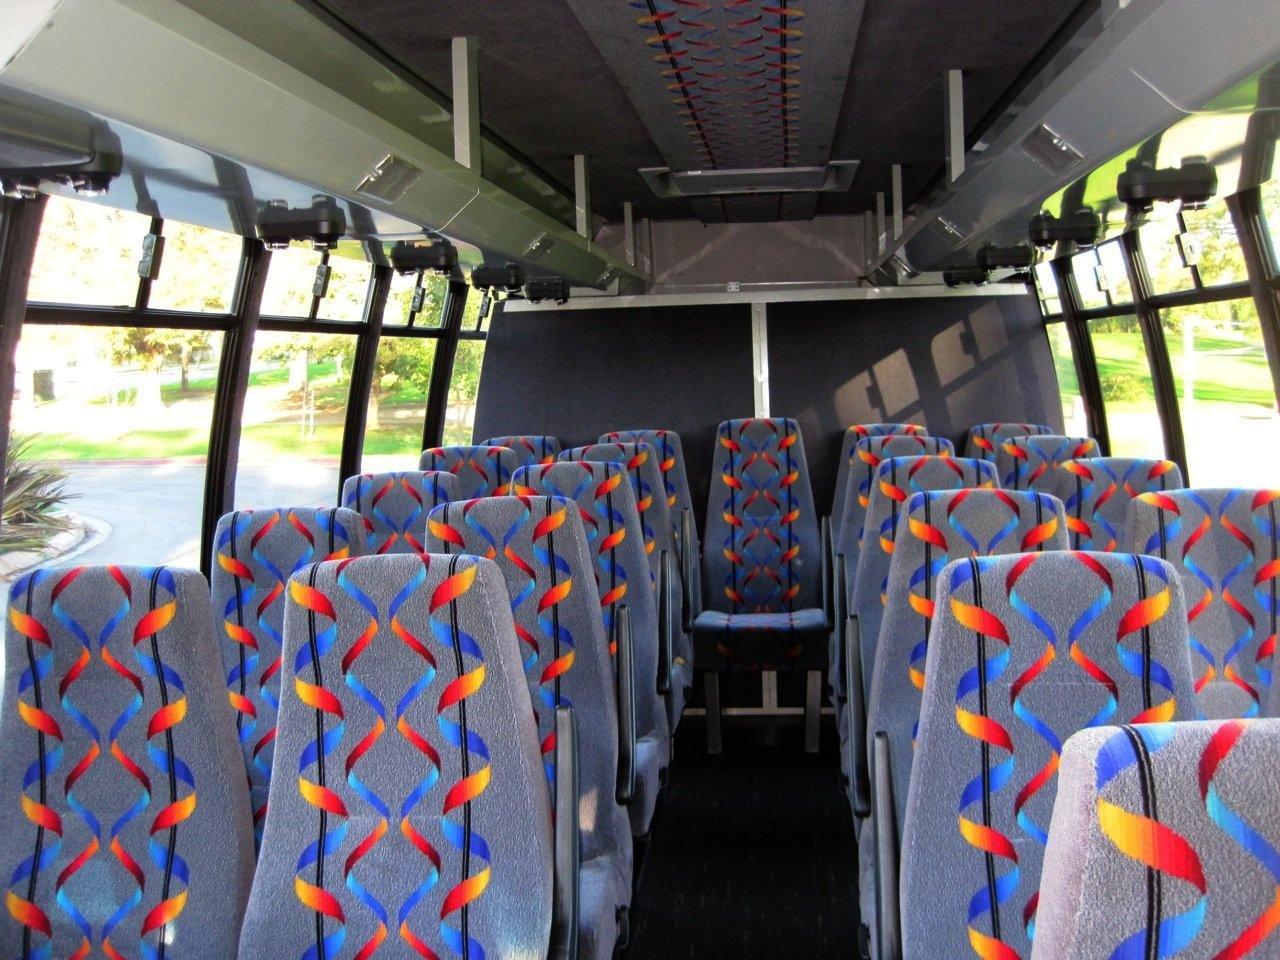 25 Passenger Shuttle Bus